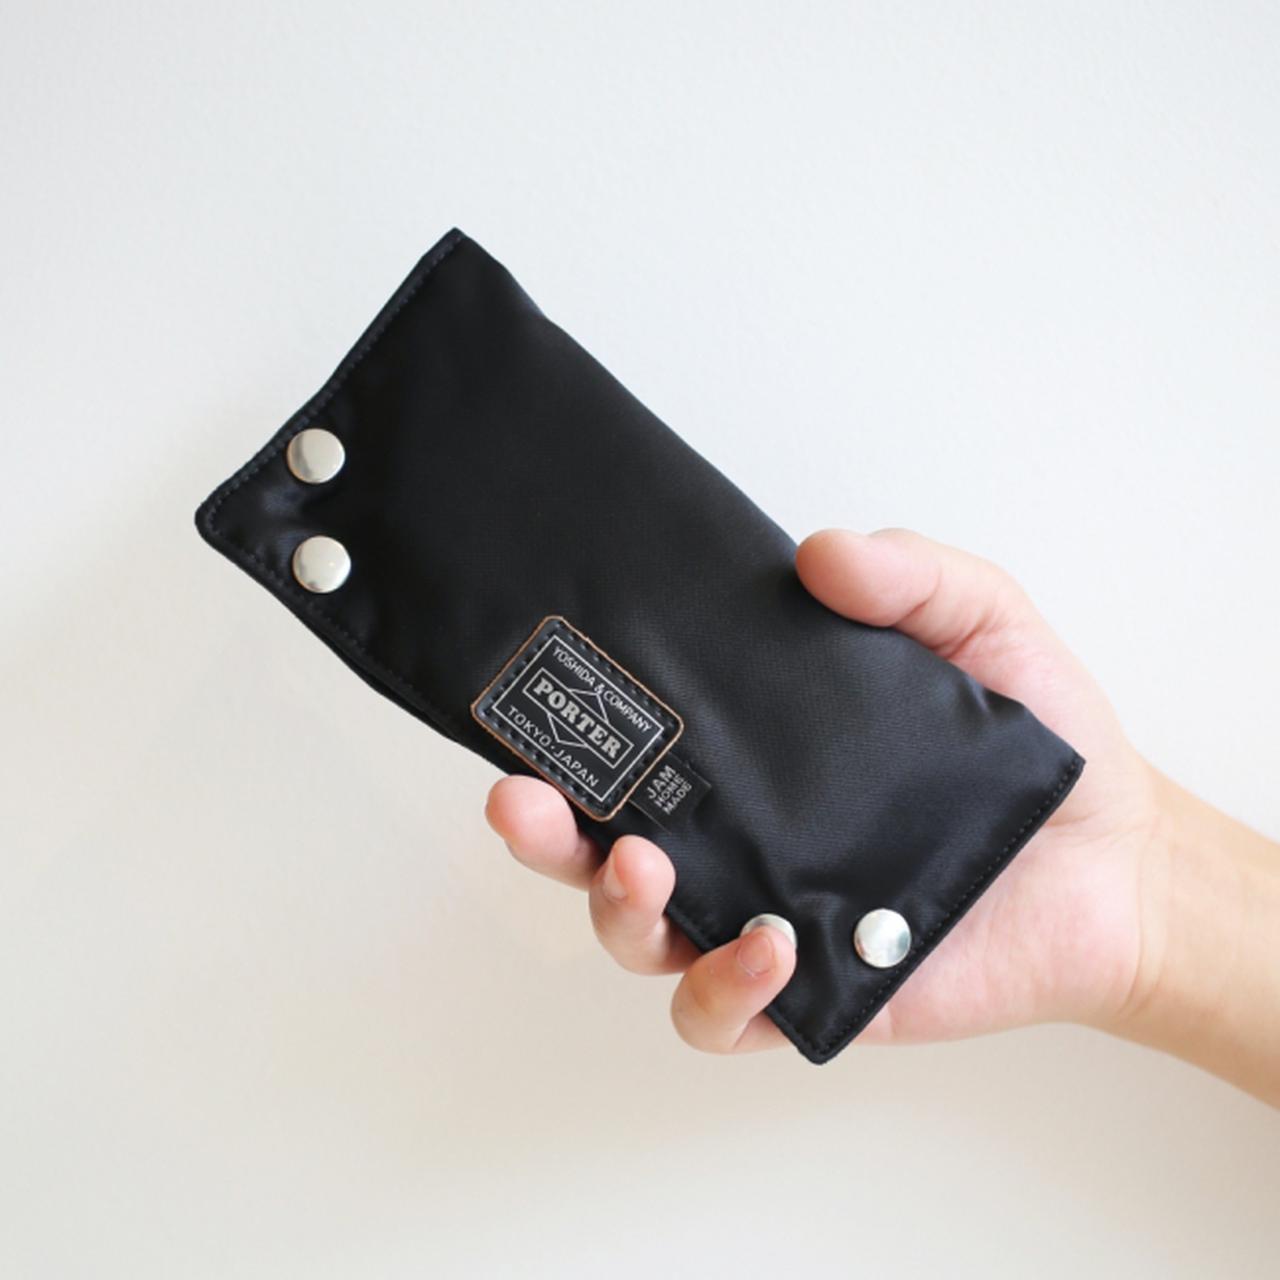 画像: 収納時は片手に収まるコンパクトサイズ。程よいクッション性能もあるので、中身の保護は申し分ありません。